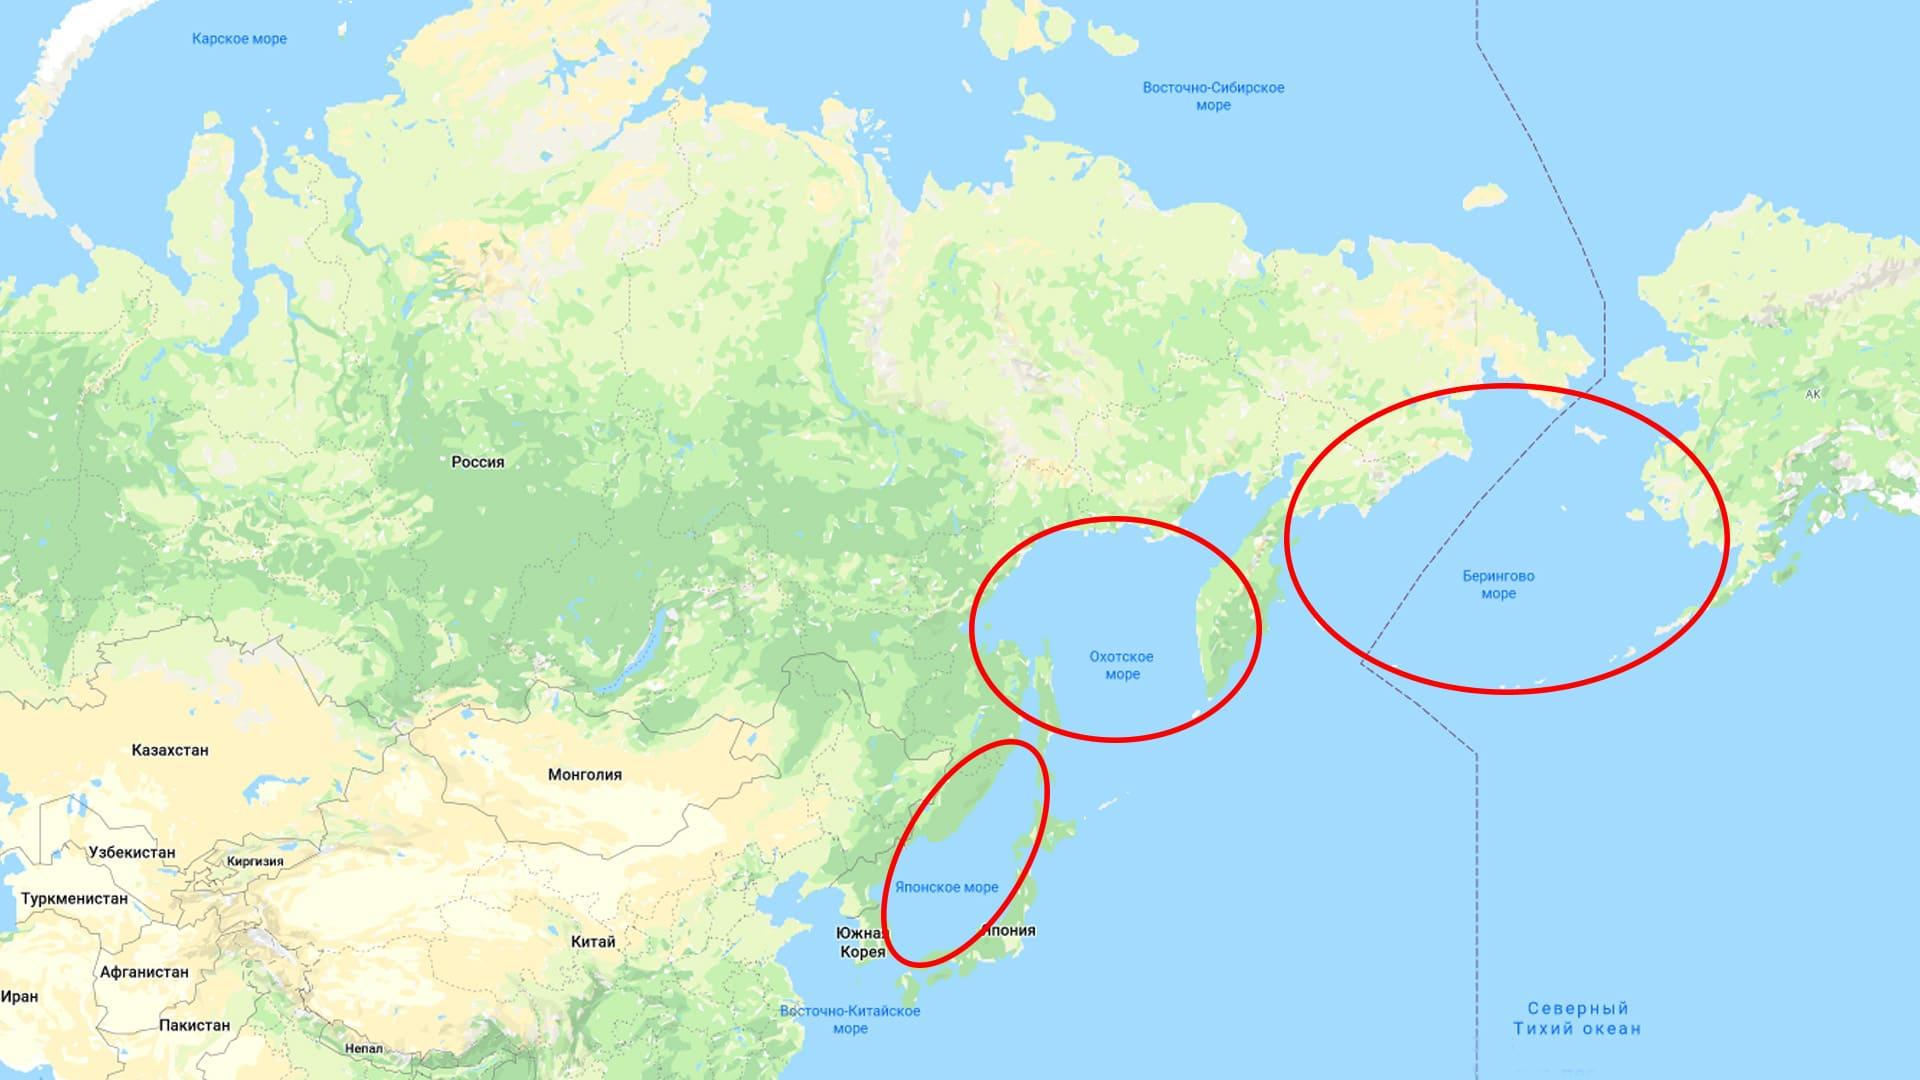 Моря Тихого океана, омывающие Россию